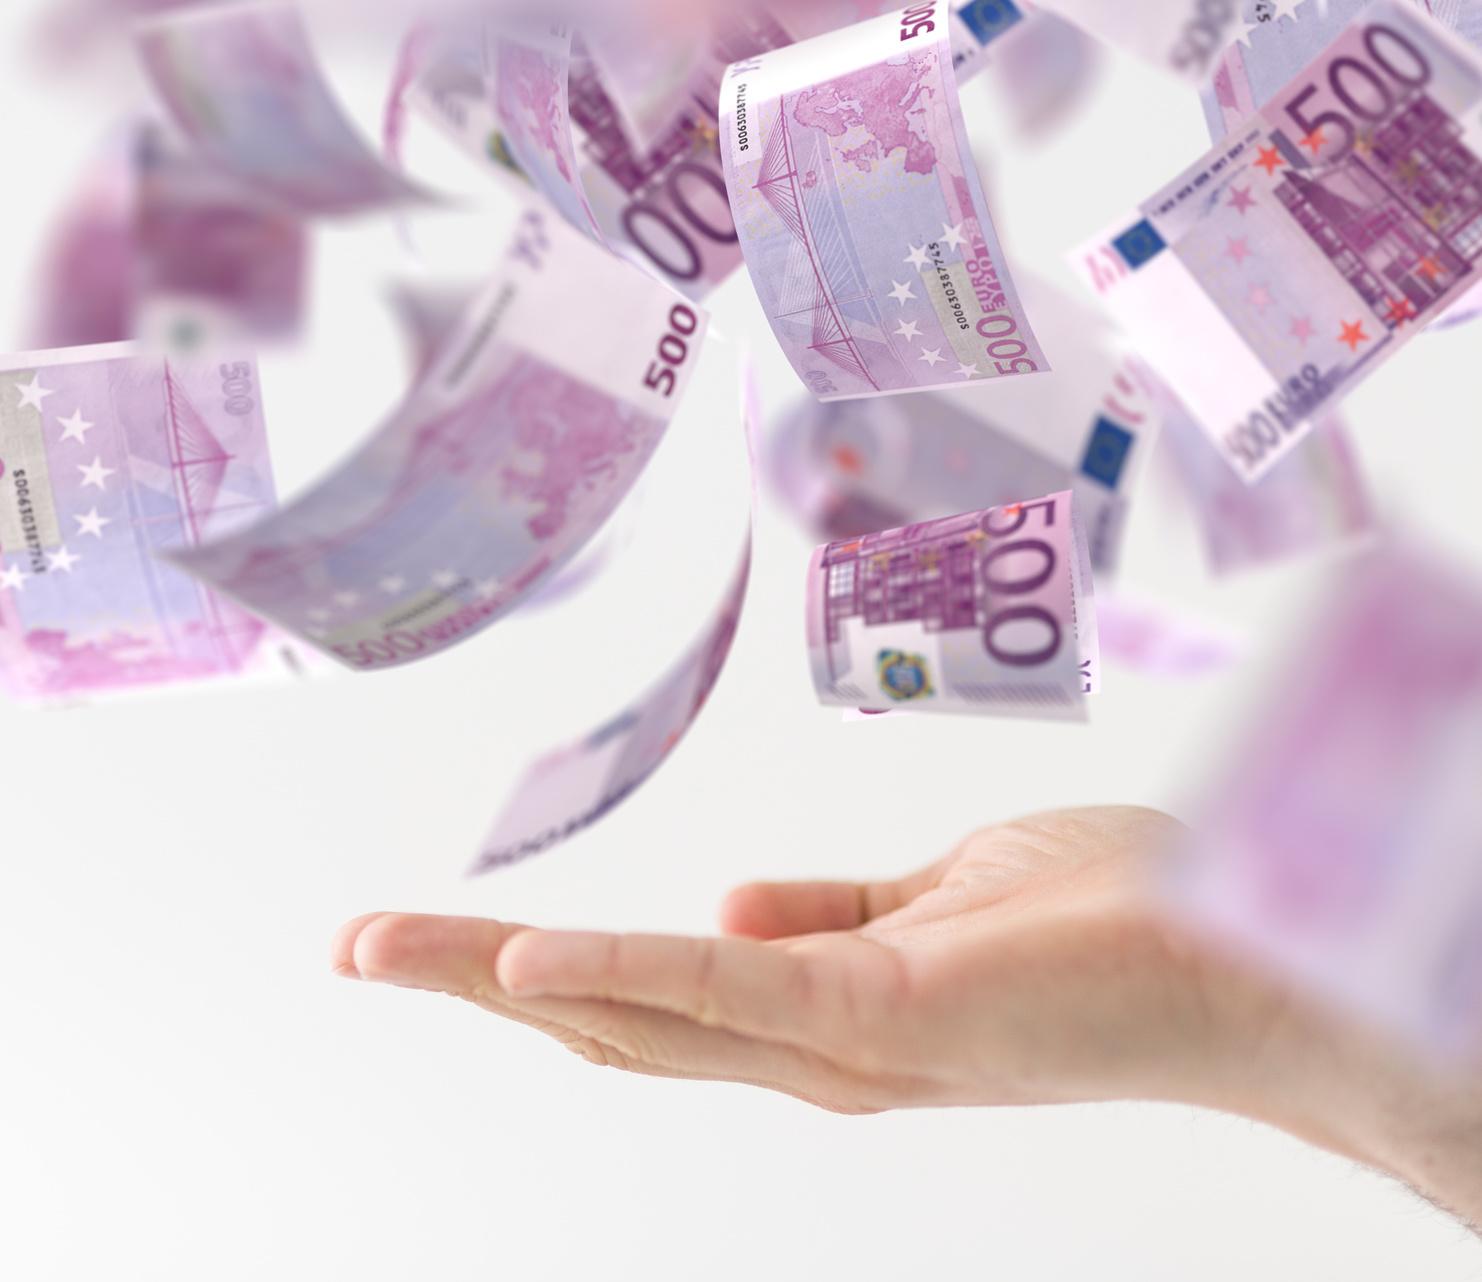 Los billetes de 500€ son un elemento que favorecen el blanqueo de capitales